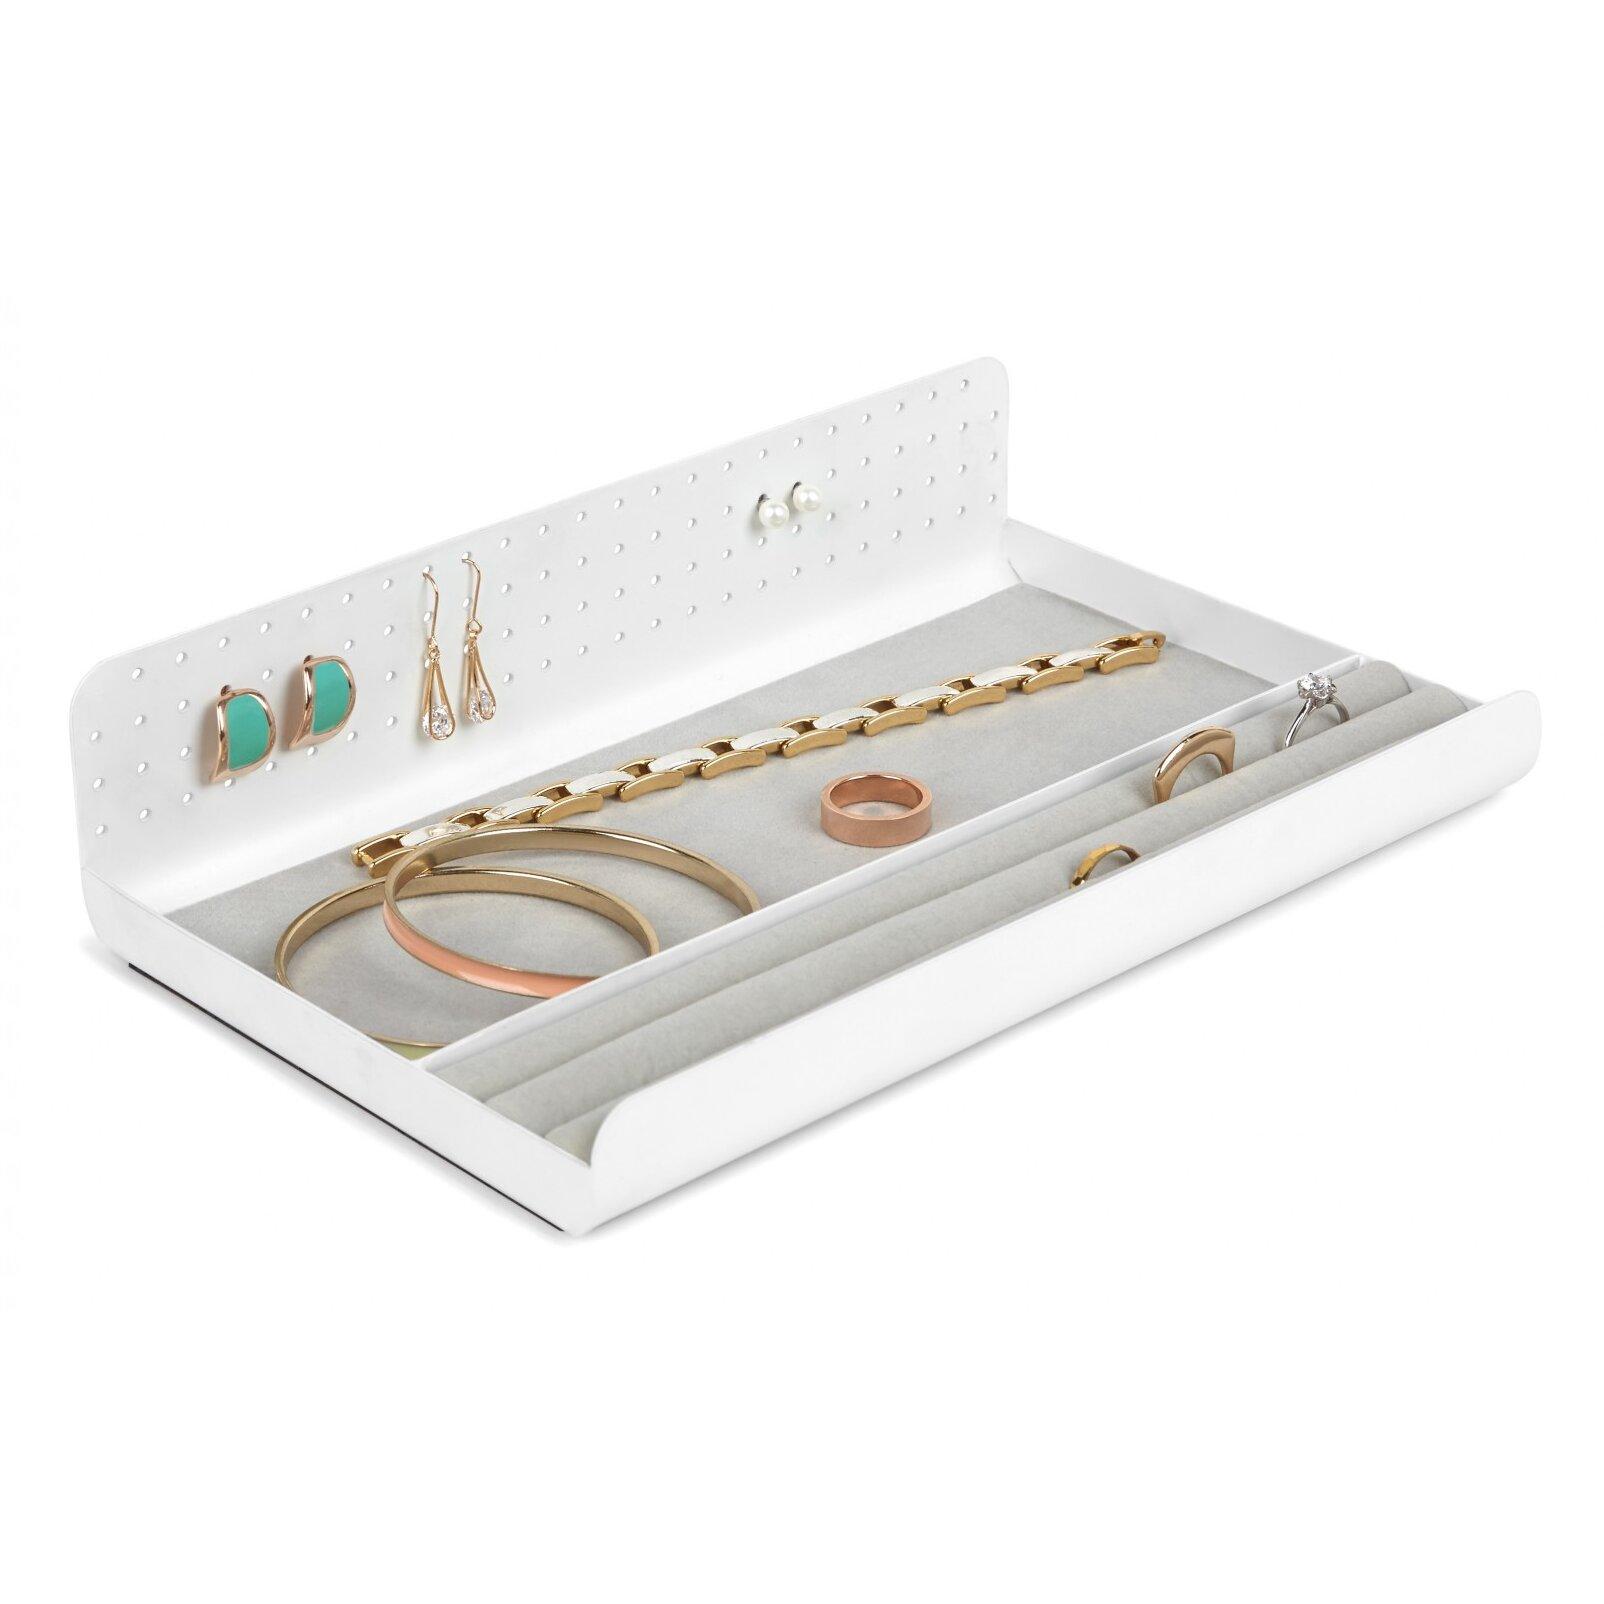 Umbra curio jewelry tray wayfair for Terrace jewelry organizer by umbra